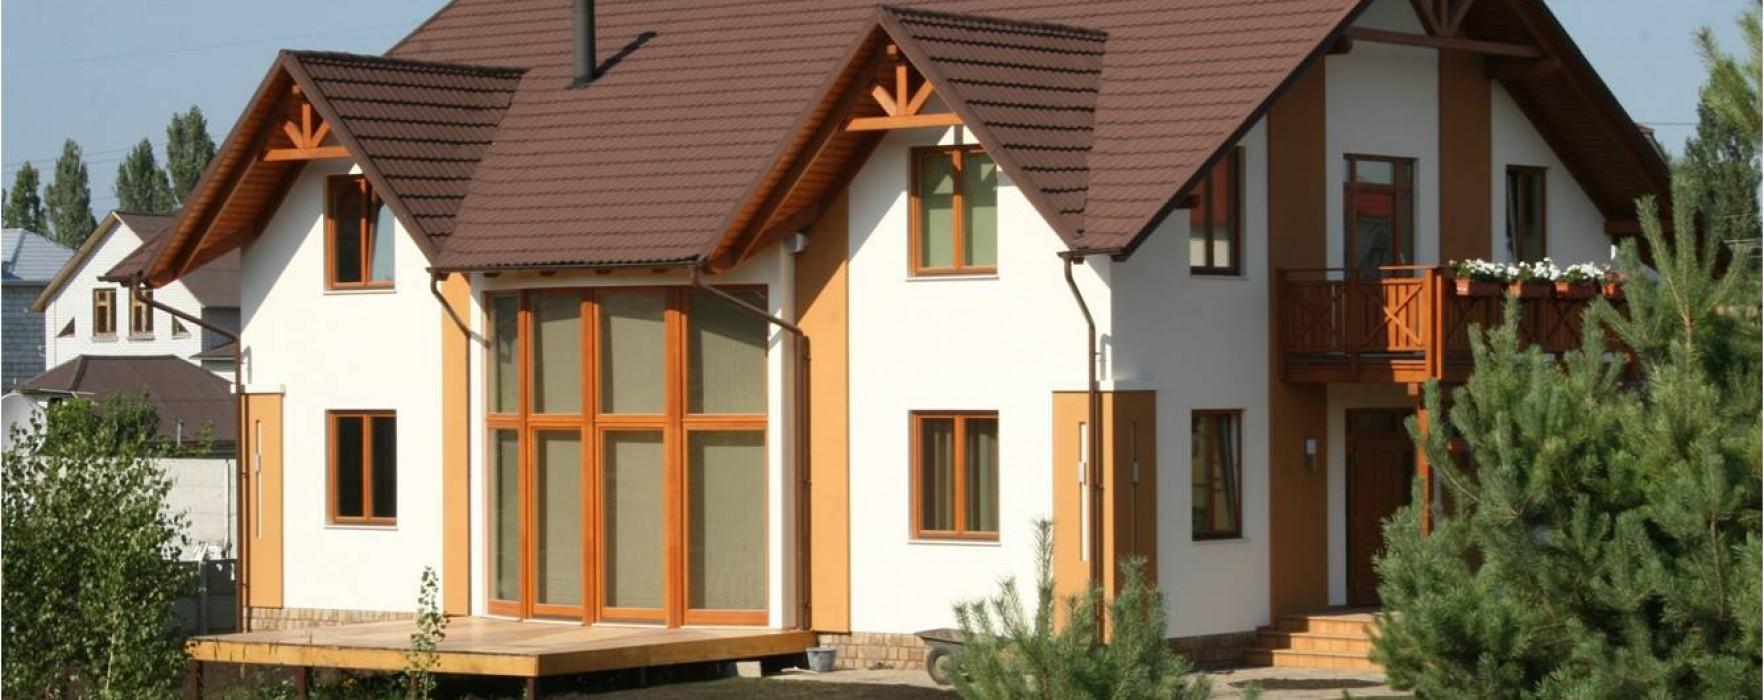 Il nemico delle case prefabbricate for Durata casa in legno